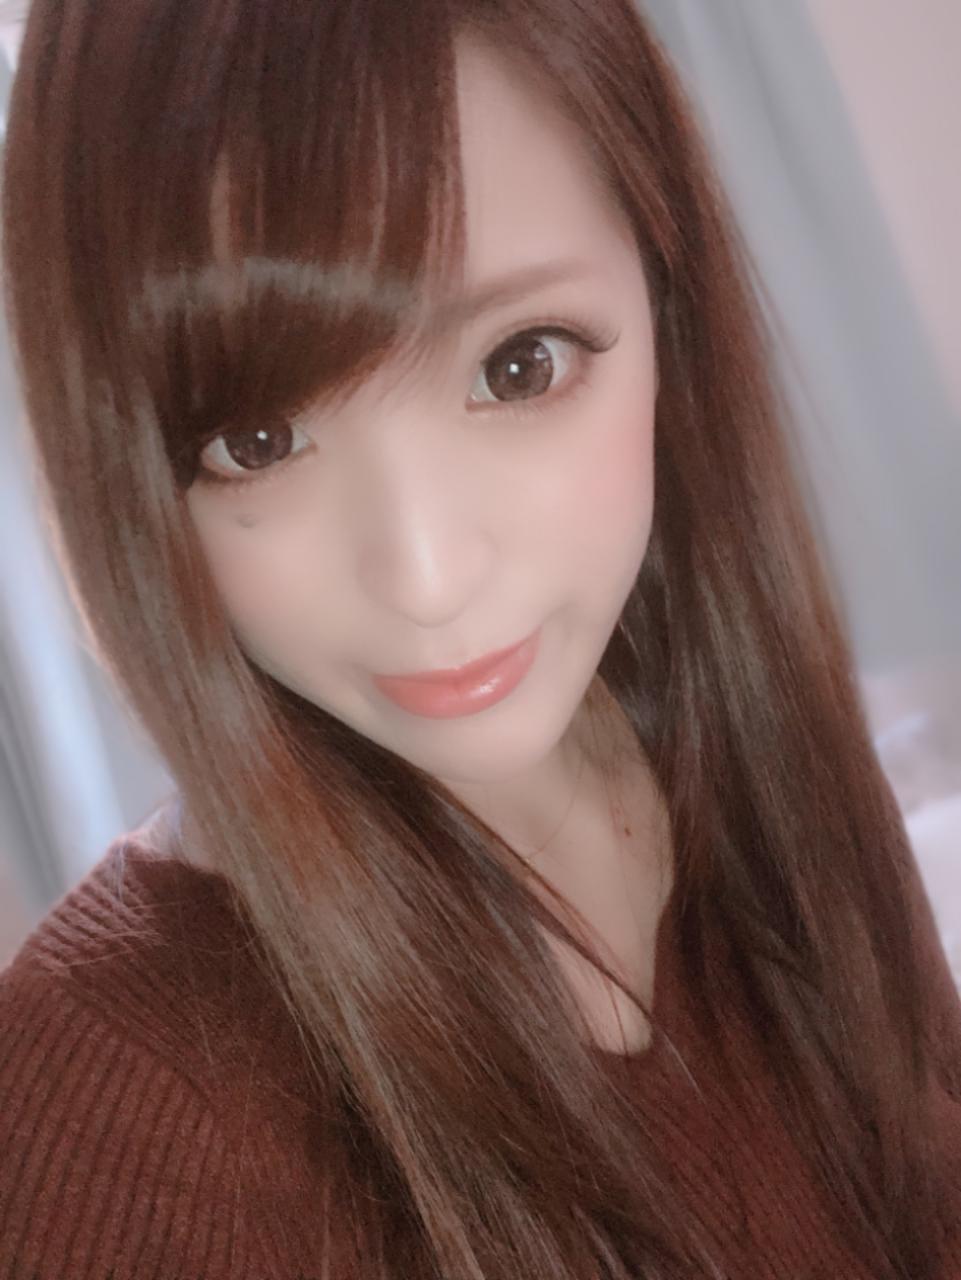 「向かいます☆」01/23日(水) 15:50 | 鈴菜(リナ)の写メ・風俗動画